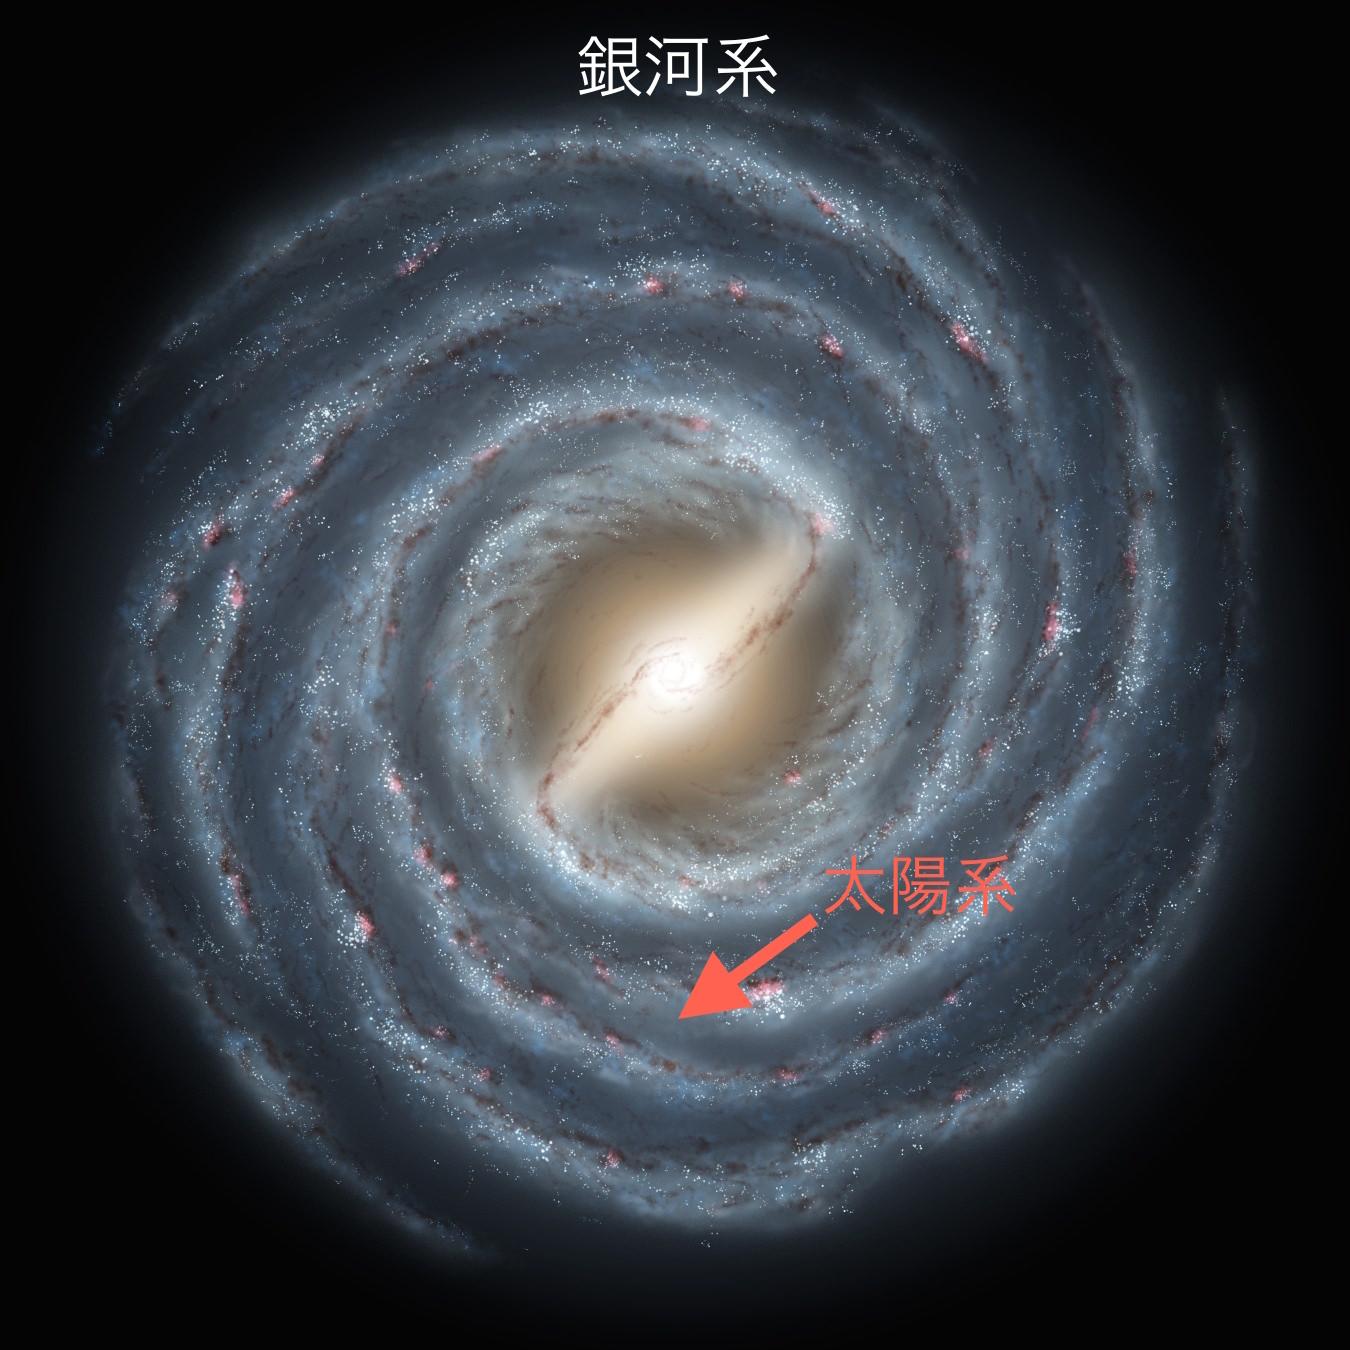 銀河系の中の太陽系